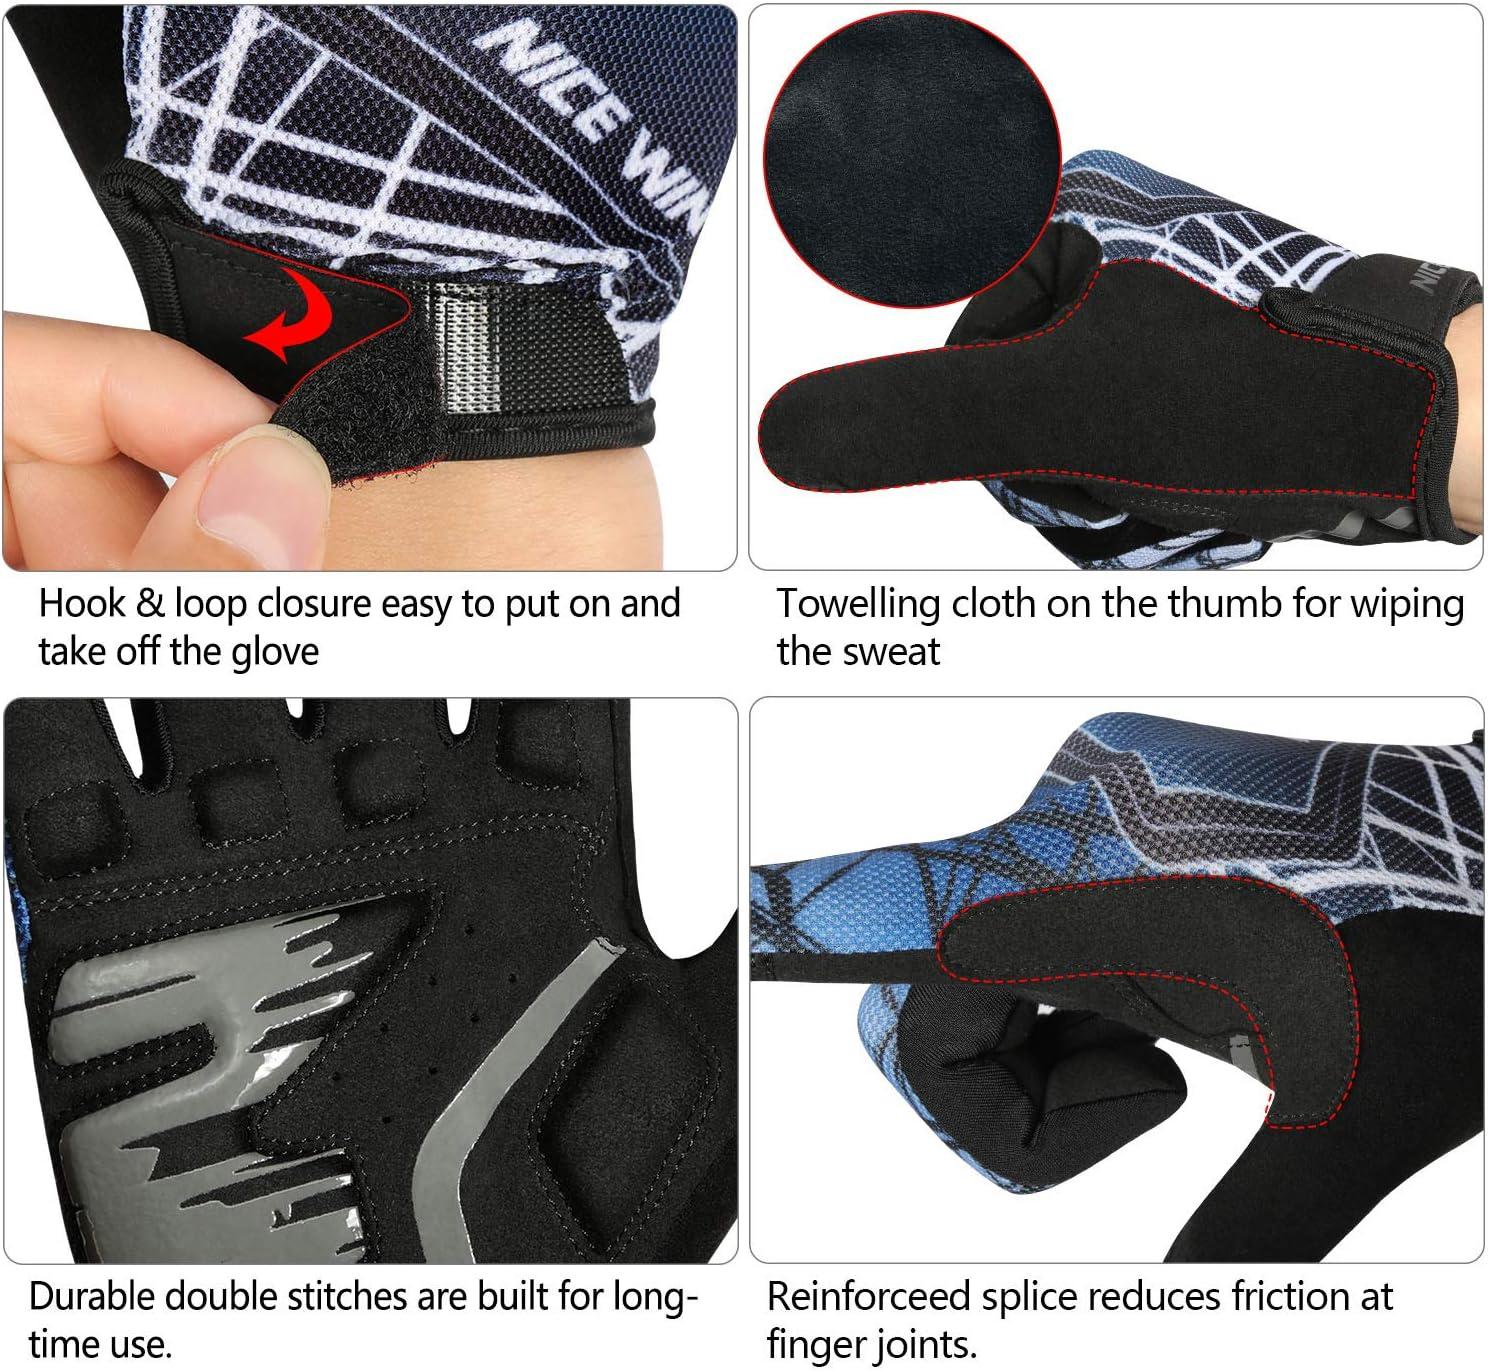 Hommes Femmes Rembourr/é Antid/érapage Respirant Gants /à /Écran Tactile Plein-Doigt LOHOTEK Gants-Cyclisme pour Bicyclette-Moto VTT Gant-V/élo Route-de-Montagne